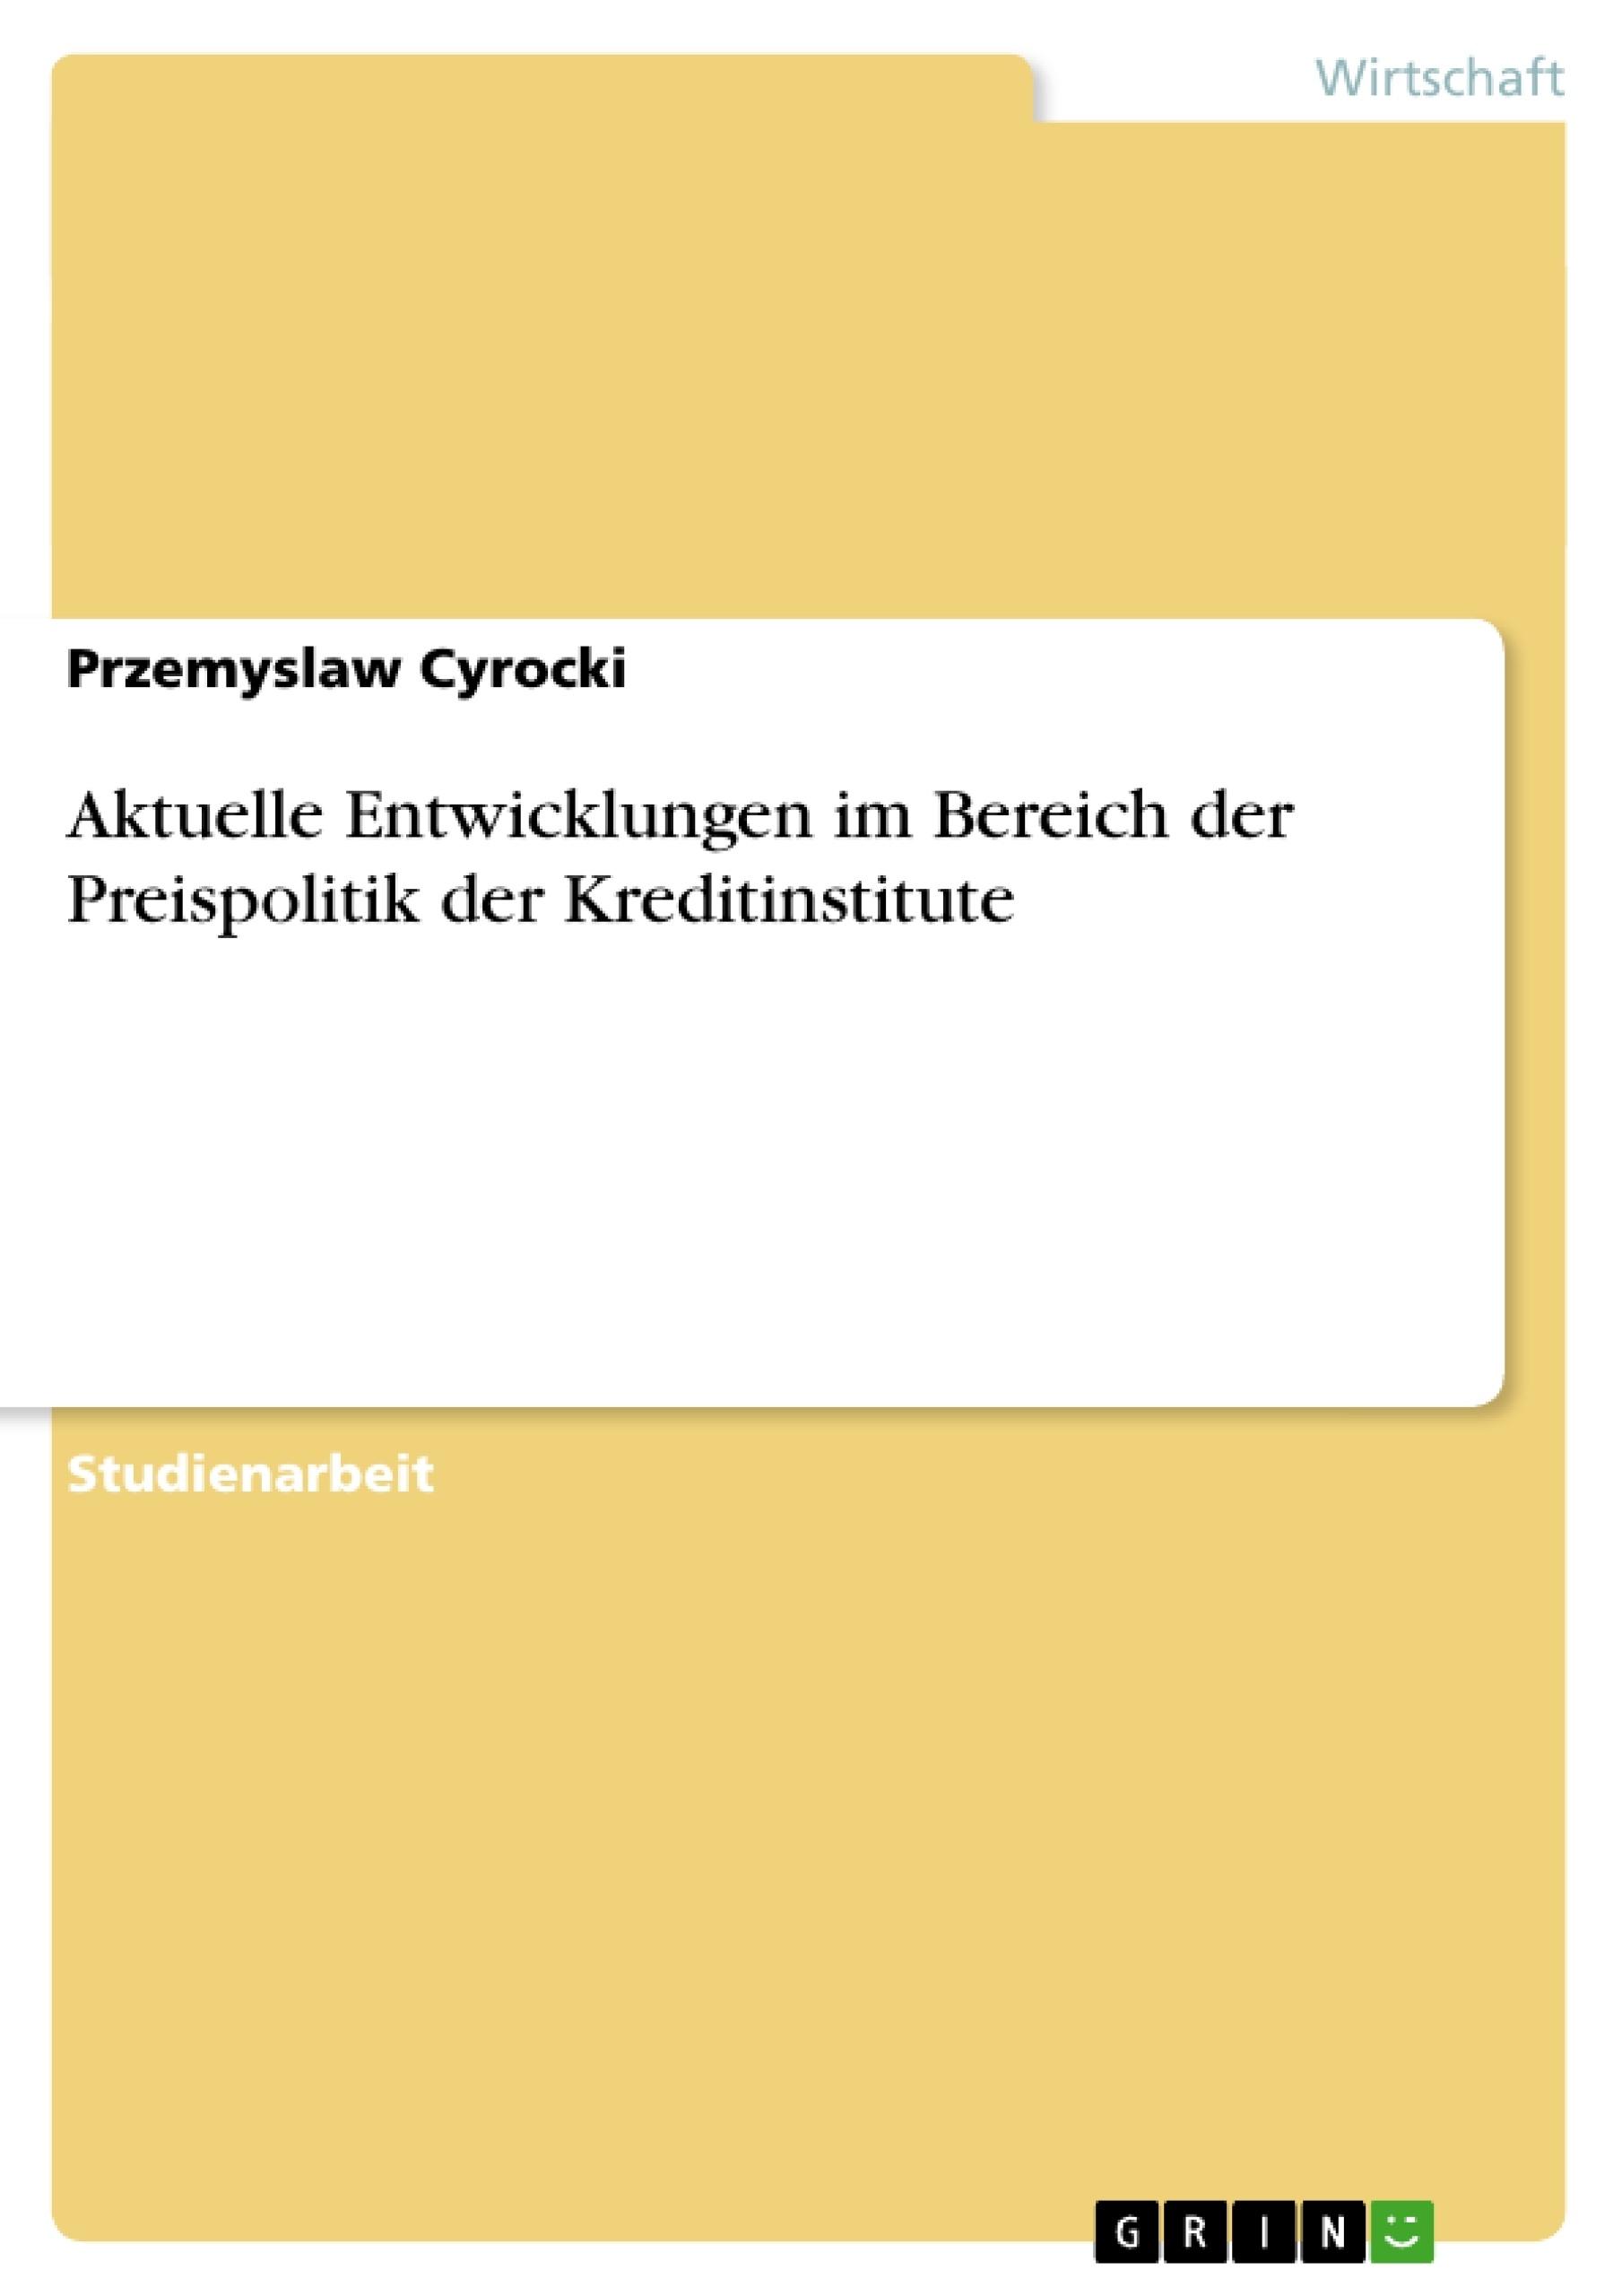 Titel: Aktuelle Entwicklungen im Bereich der Preispolitik der Kreditinstitute